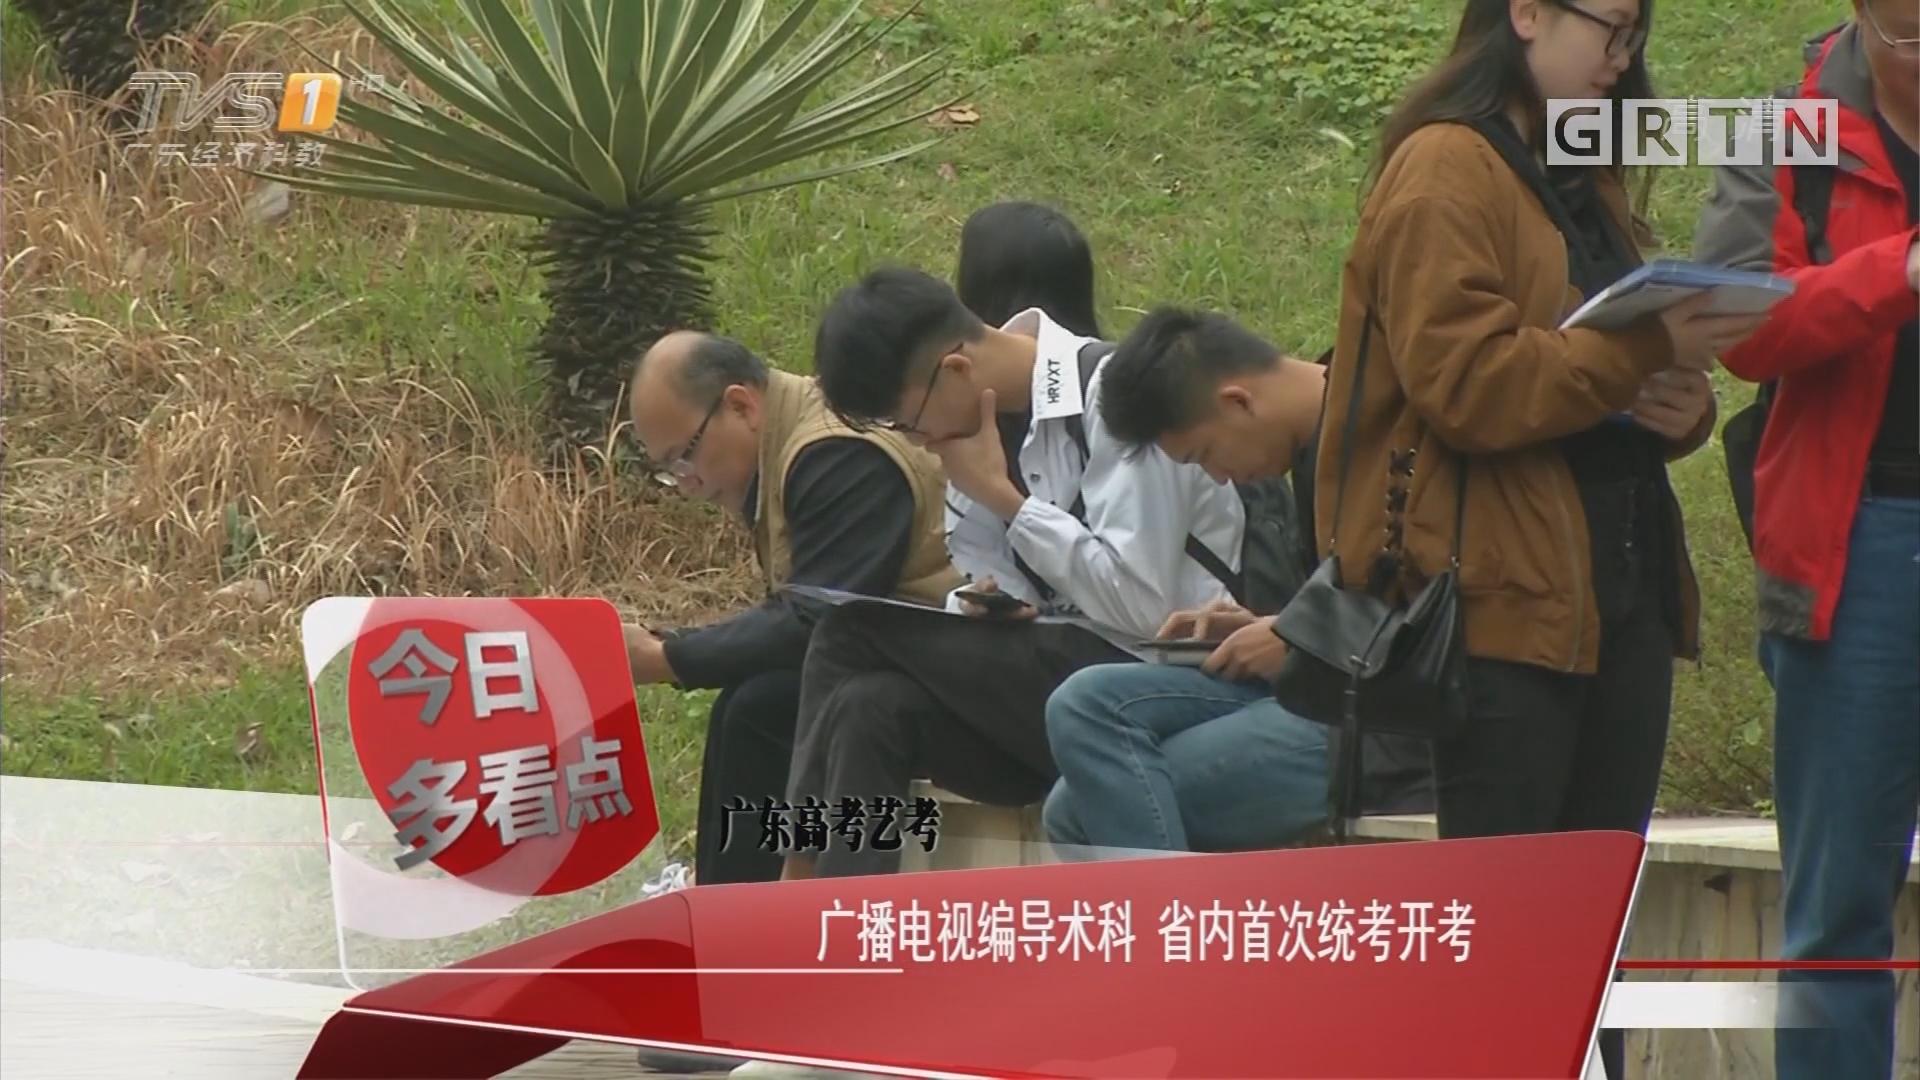 广东高考艺考:广播电视编导术科 省内首次统考开考